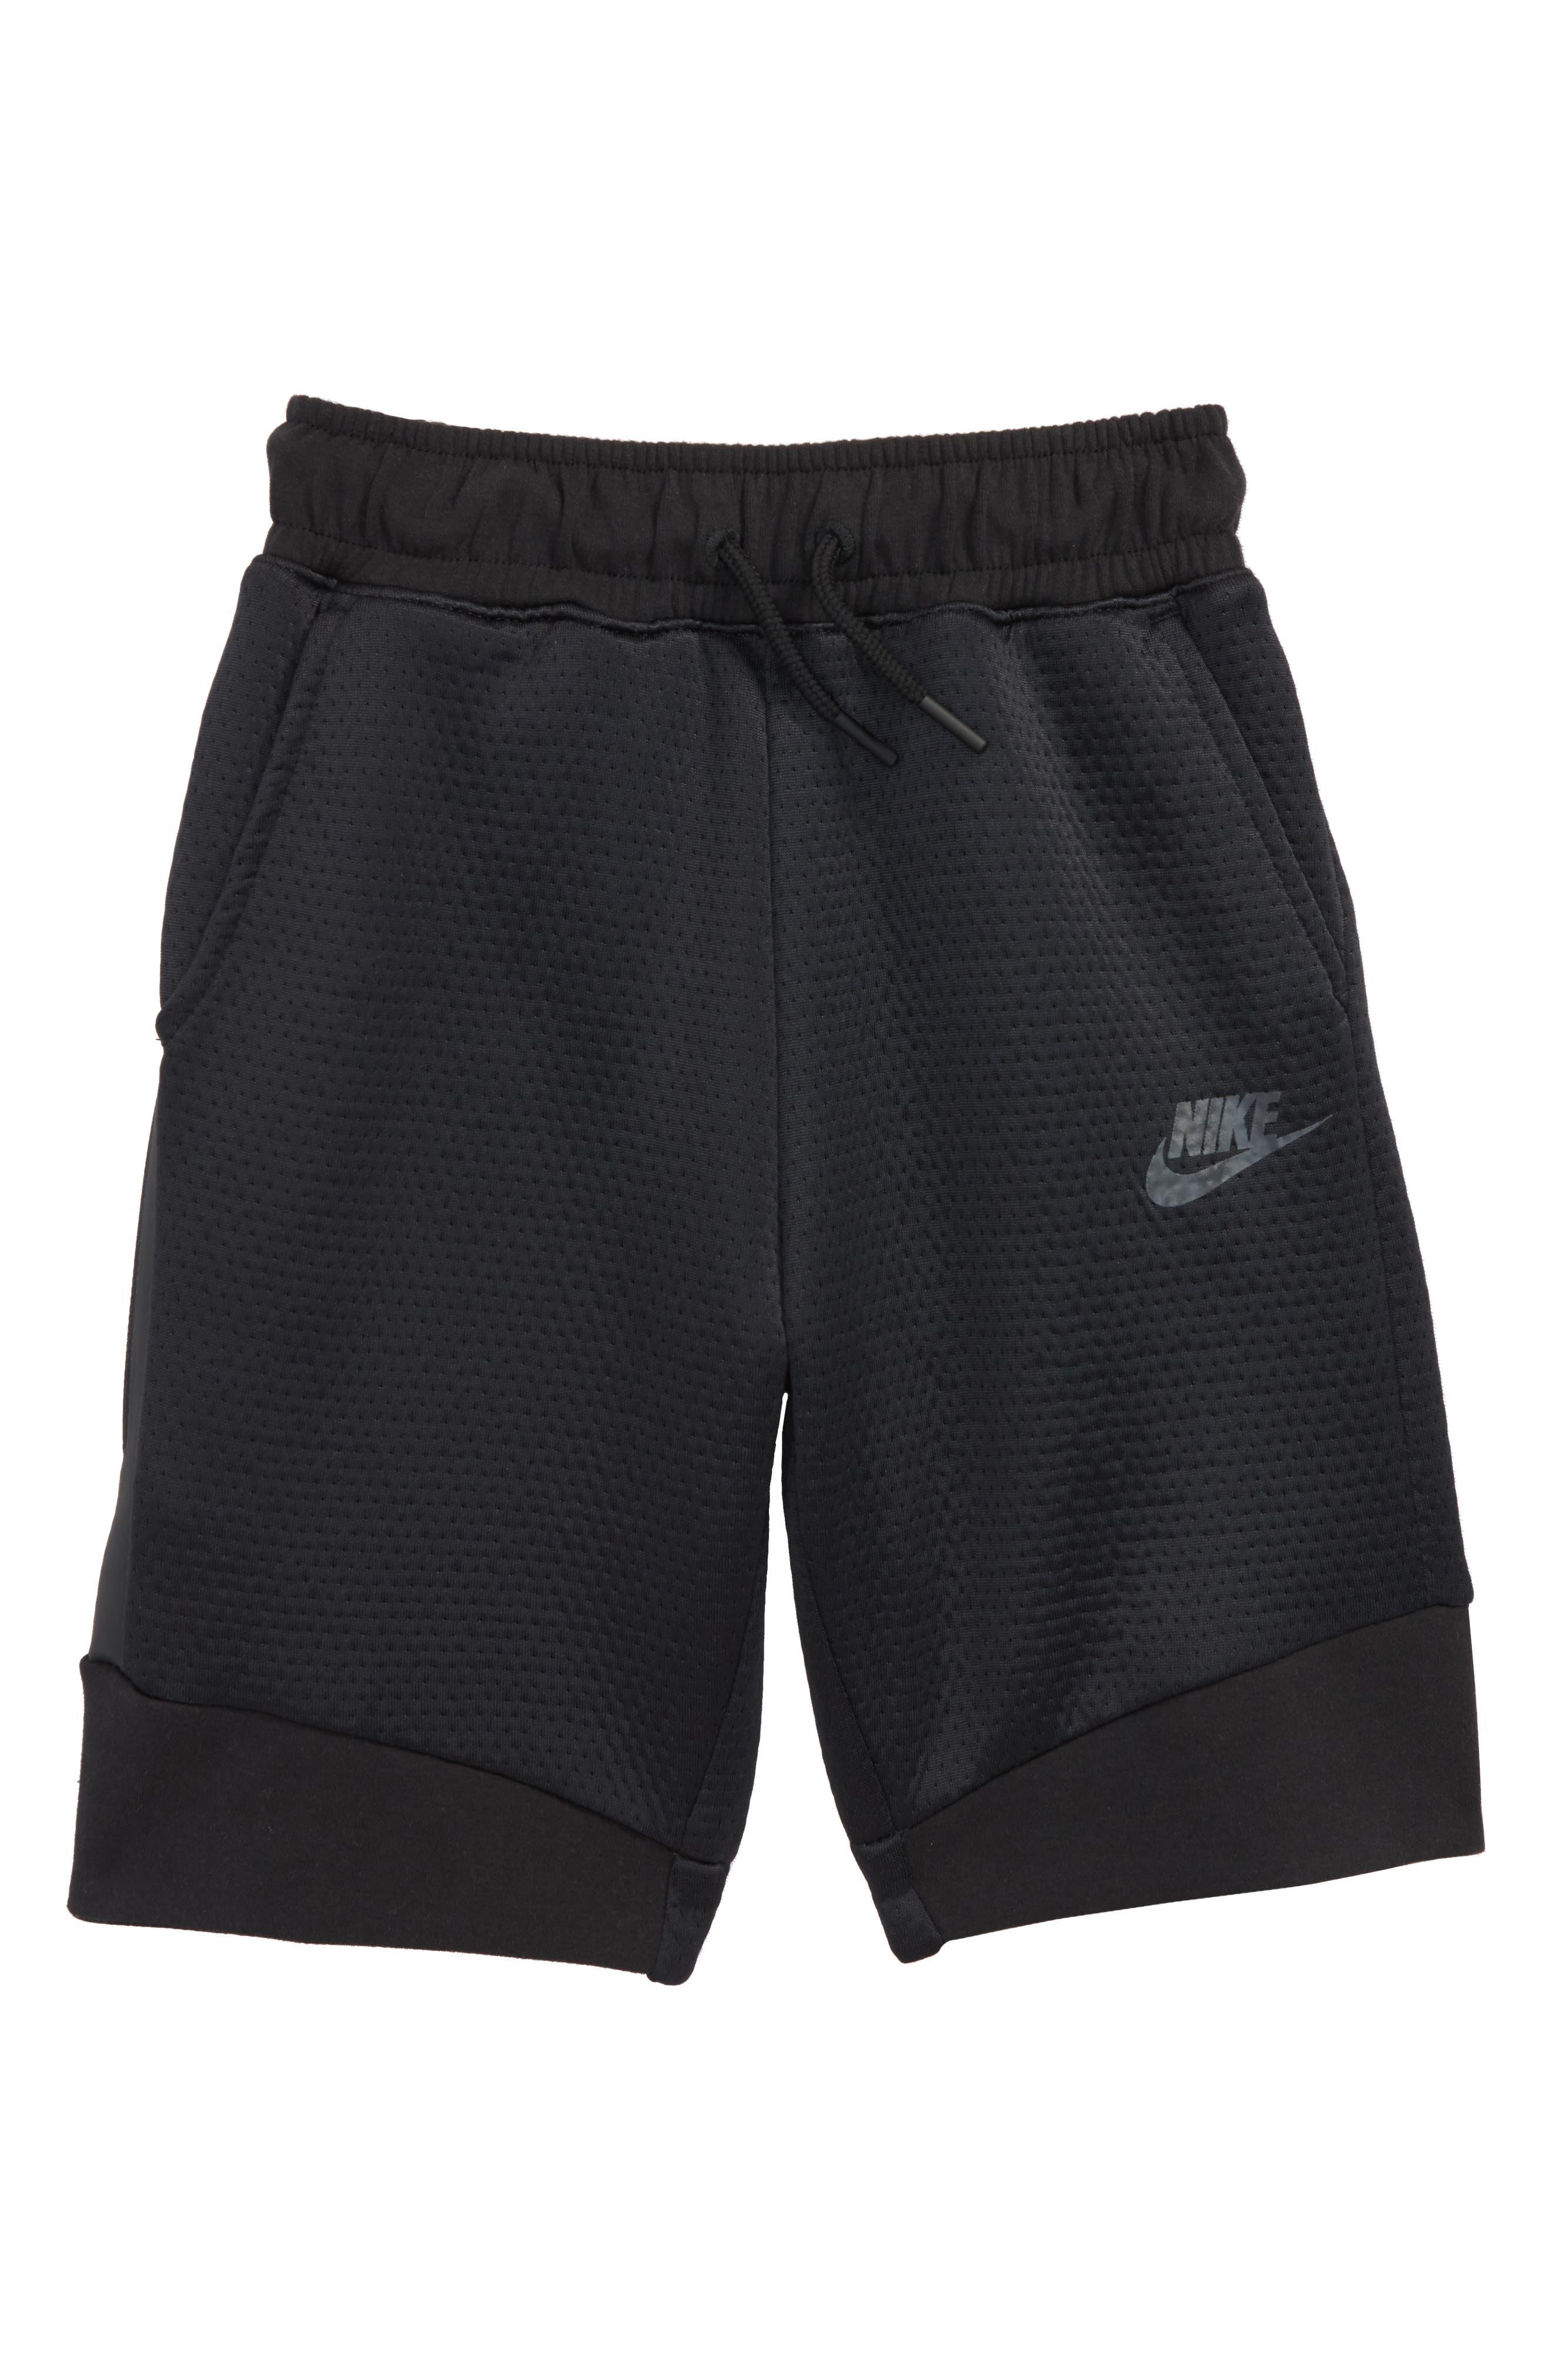 Tech Fleece Shorts,                         Main,                         color, Black